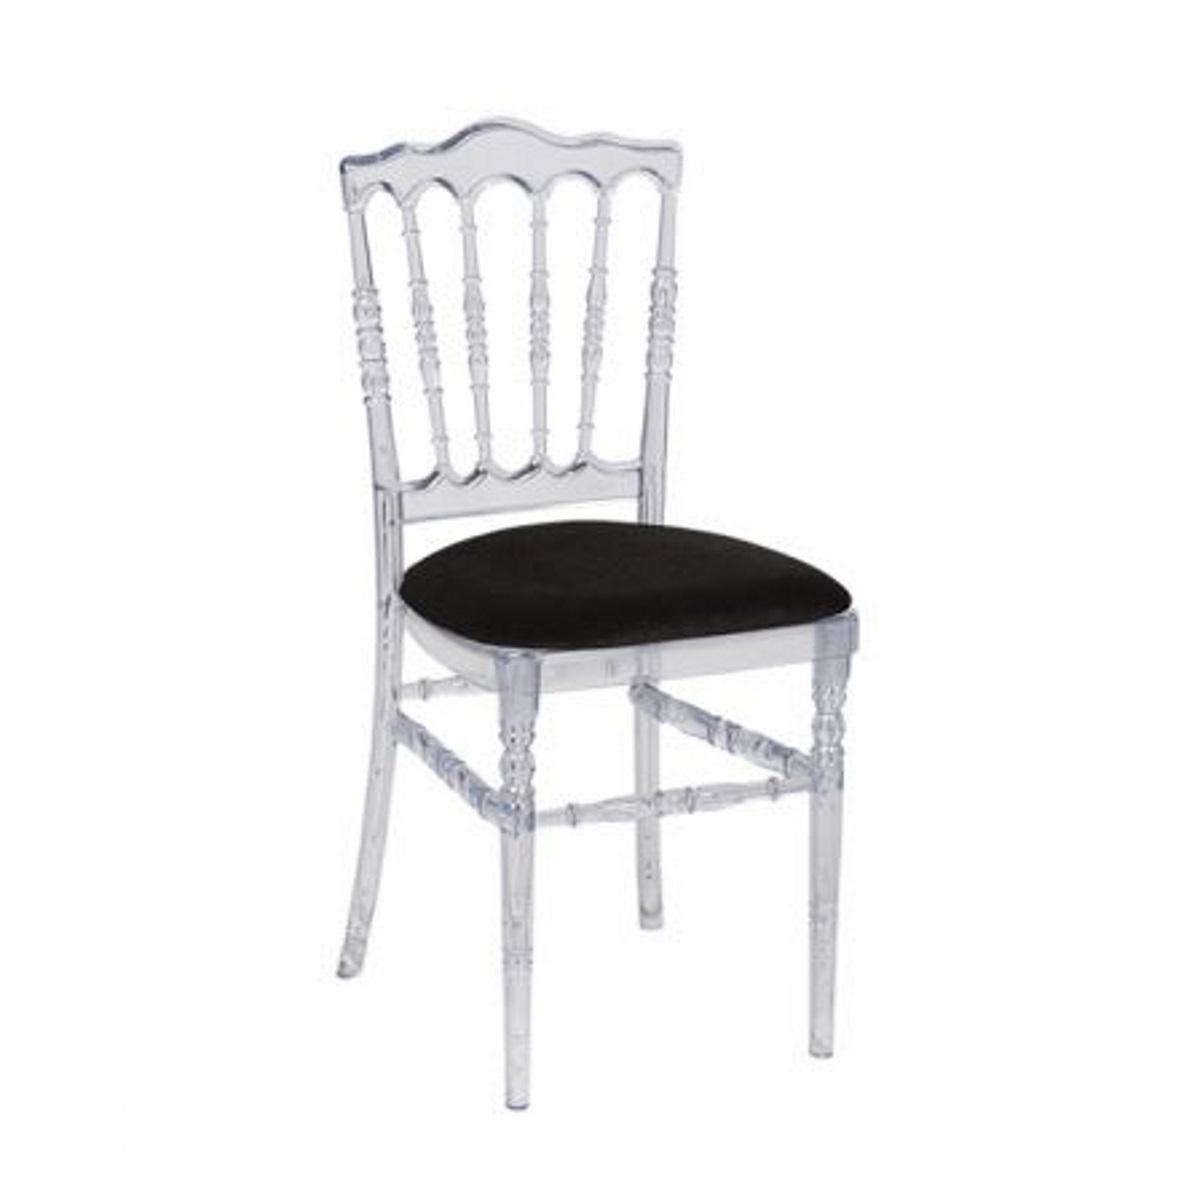 Chaise napoleon cristal galette noire